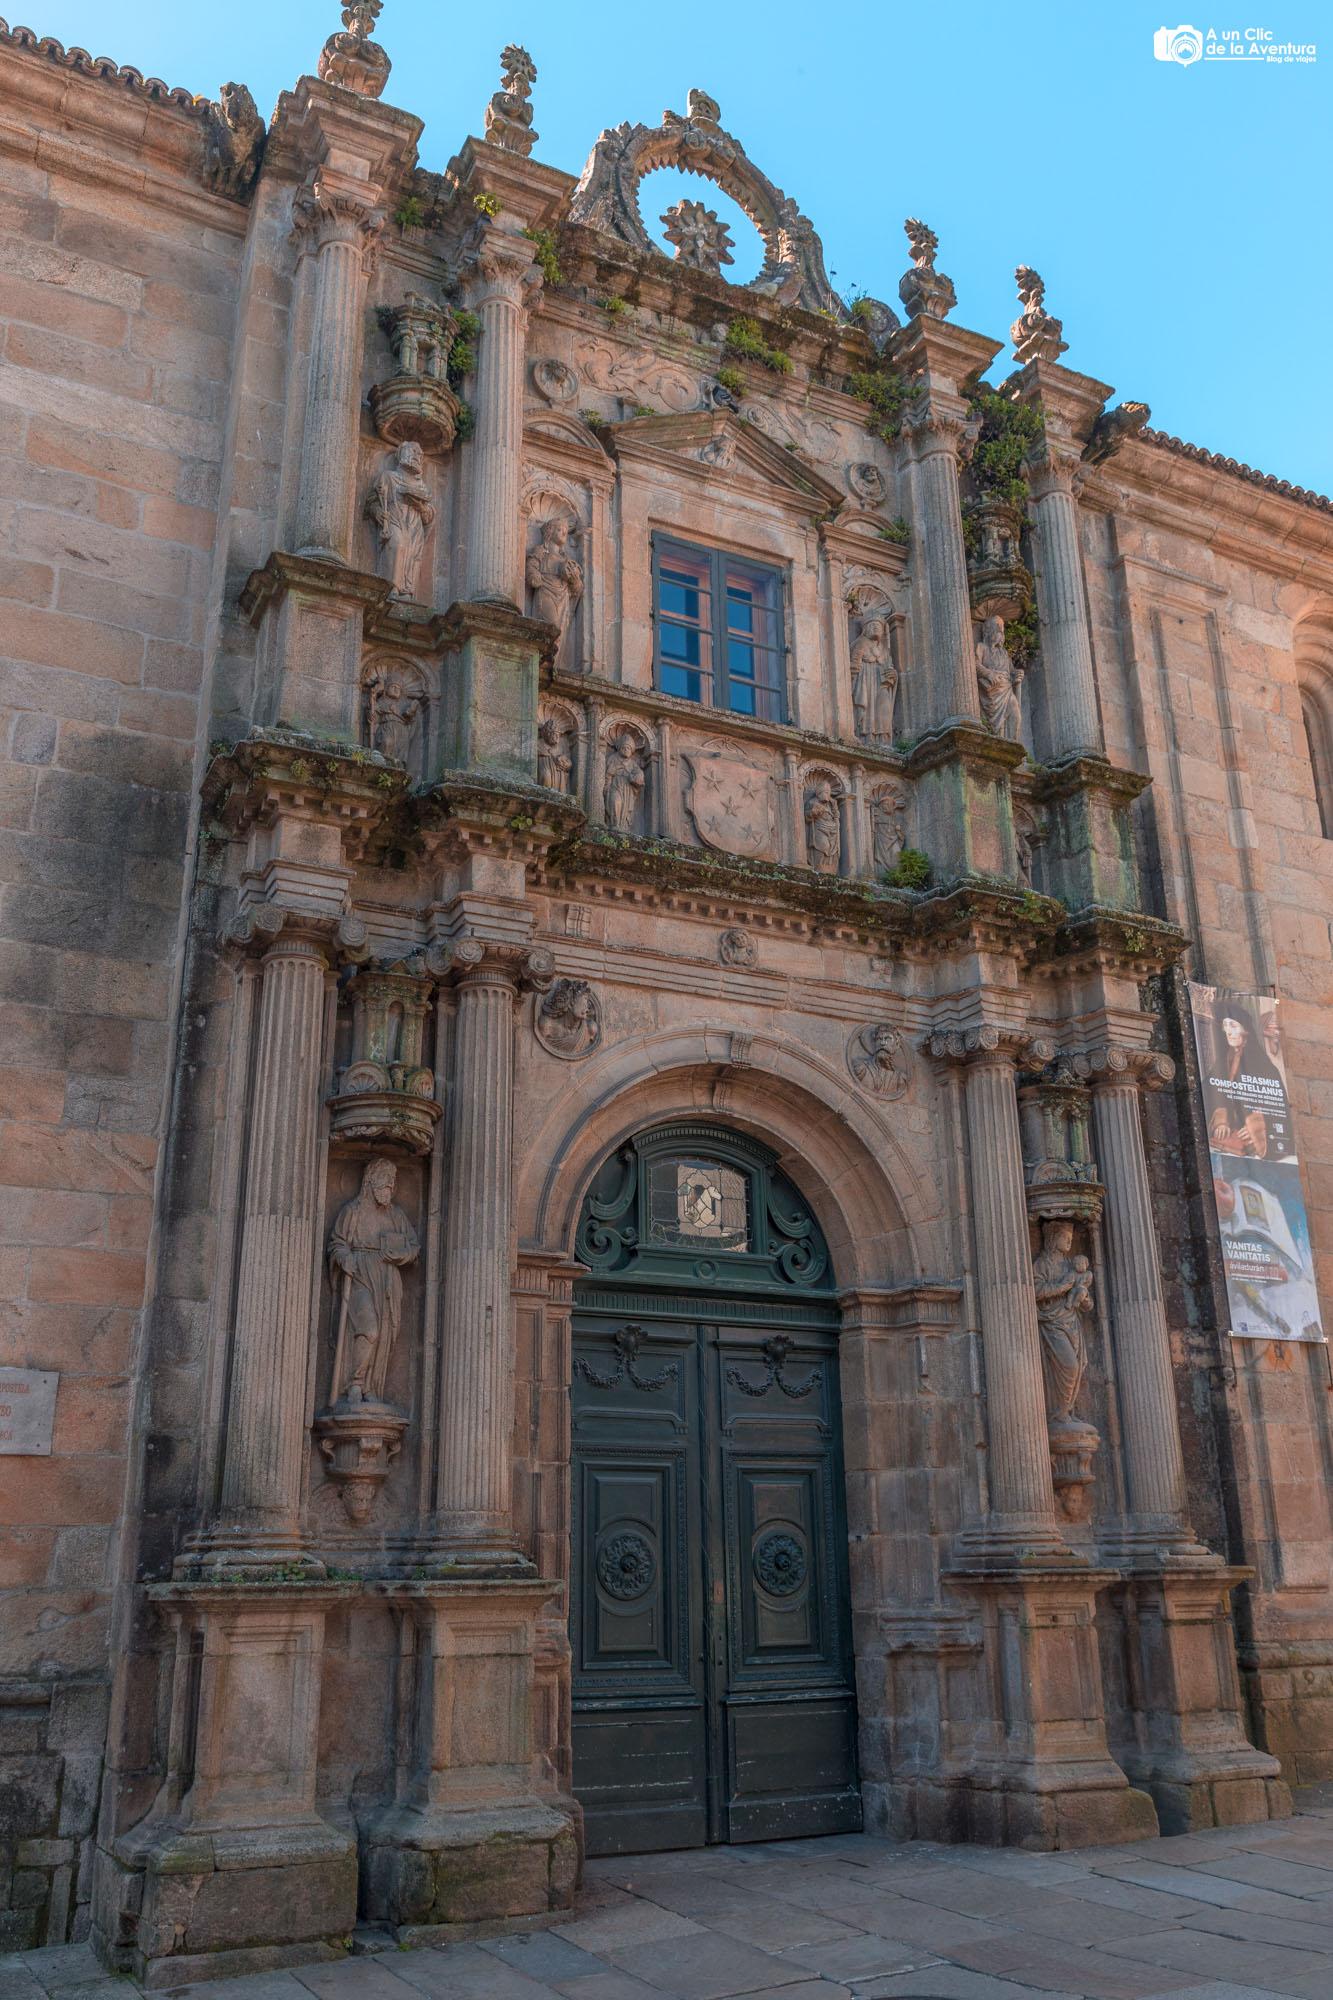 Pazo de Fonseca, Santiago de Compostela